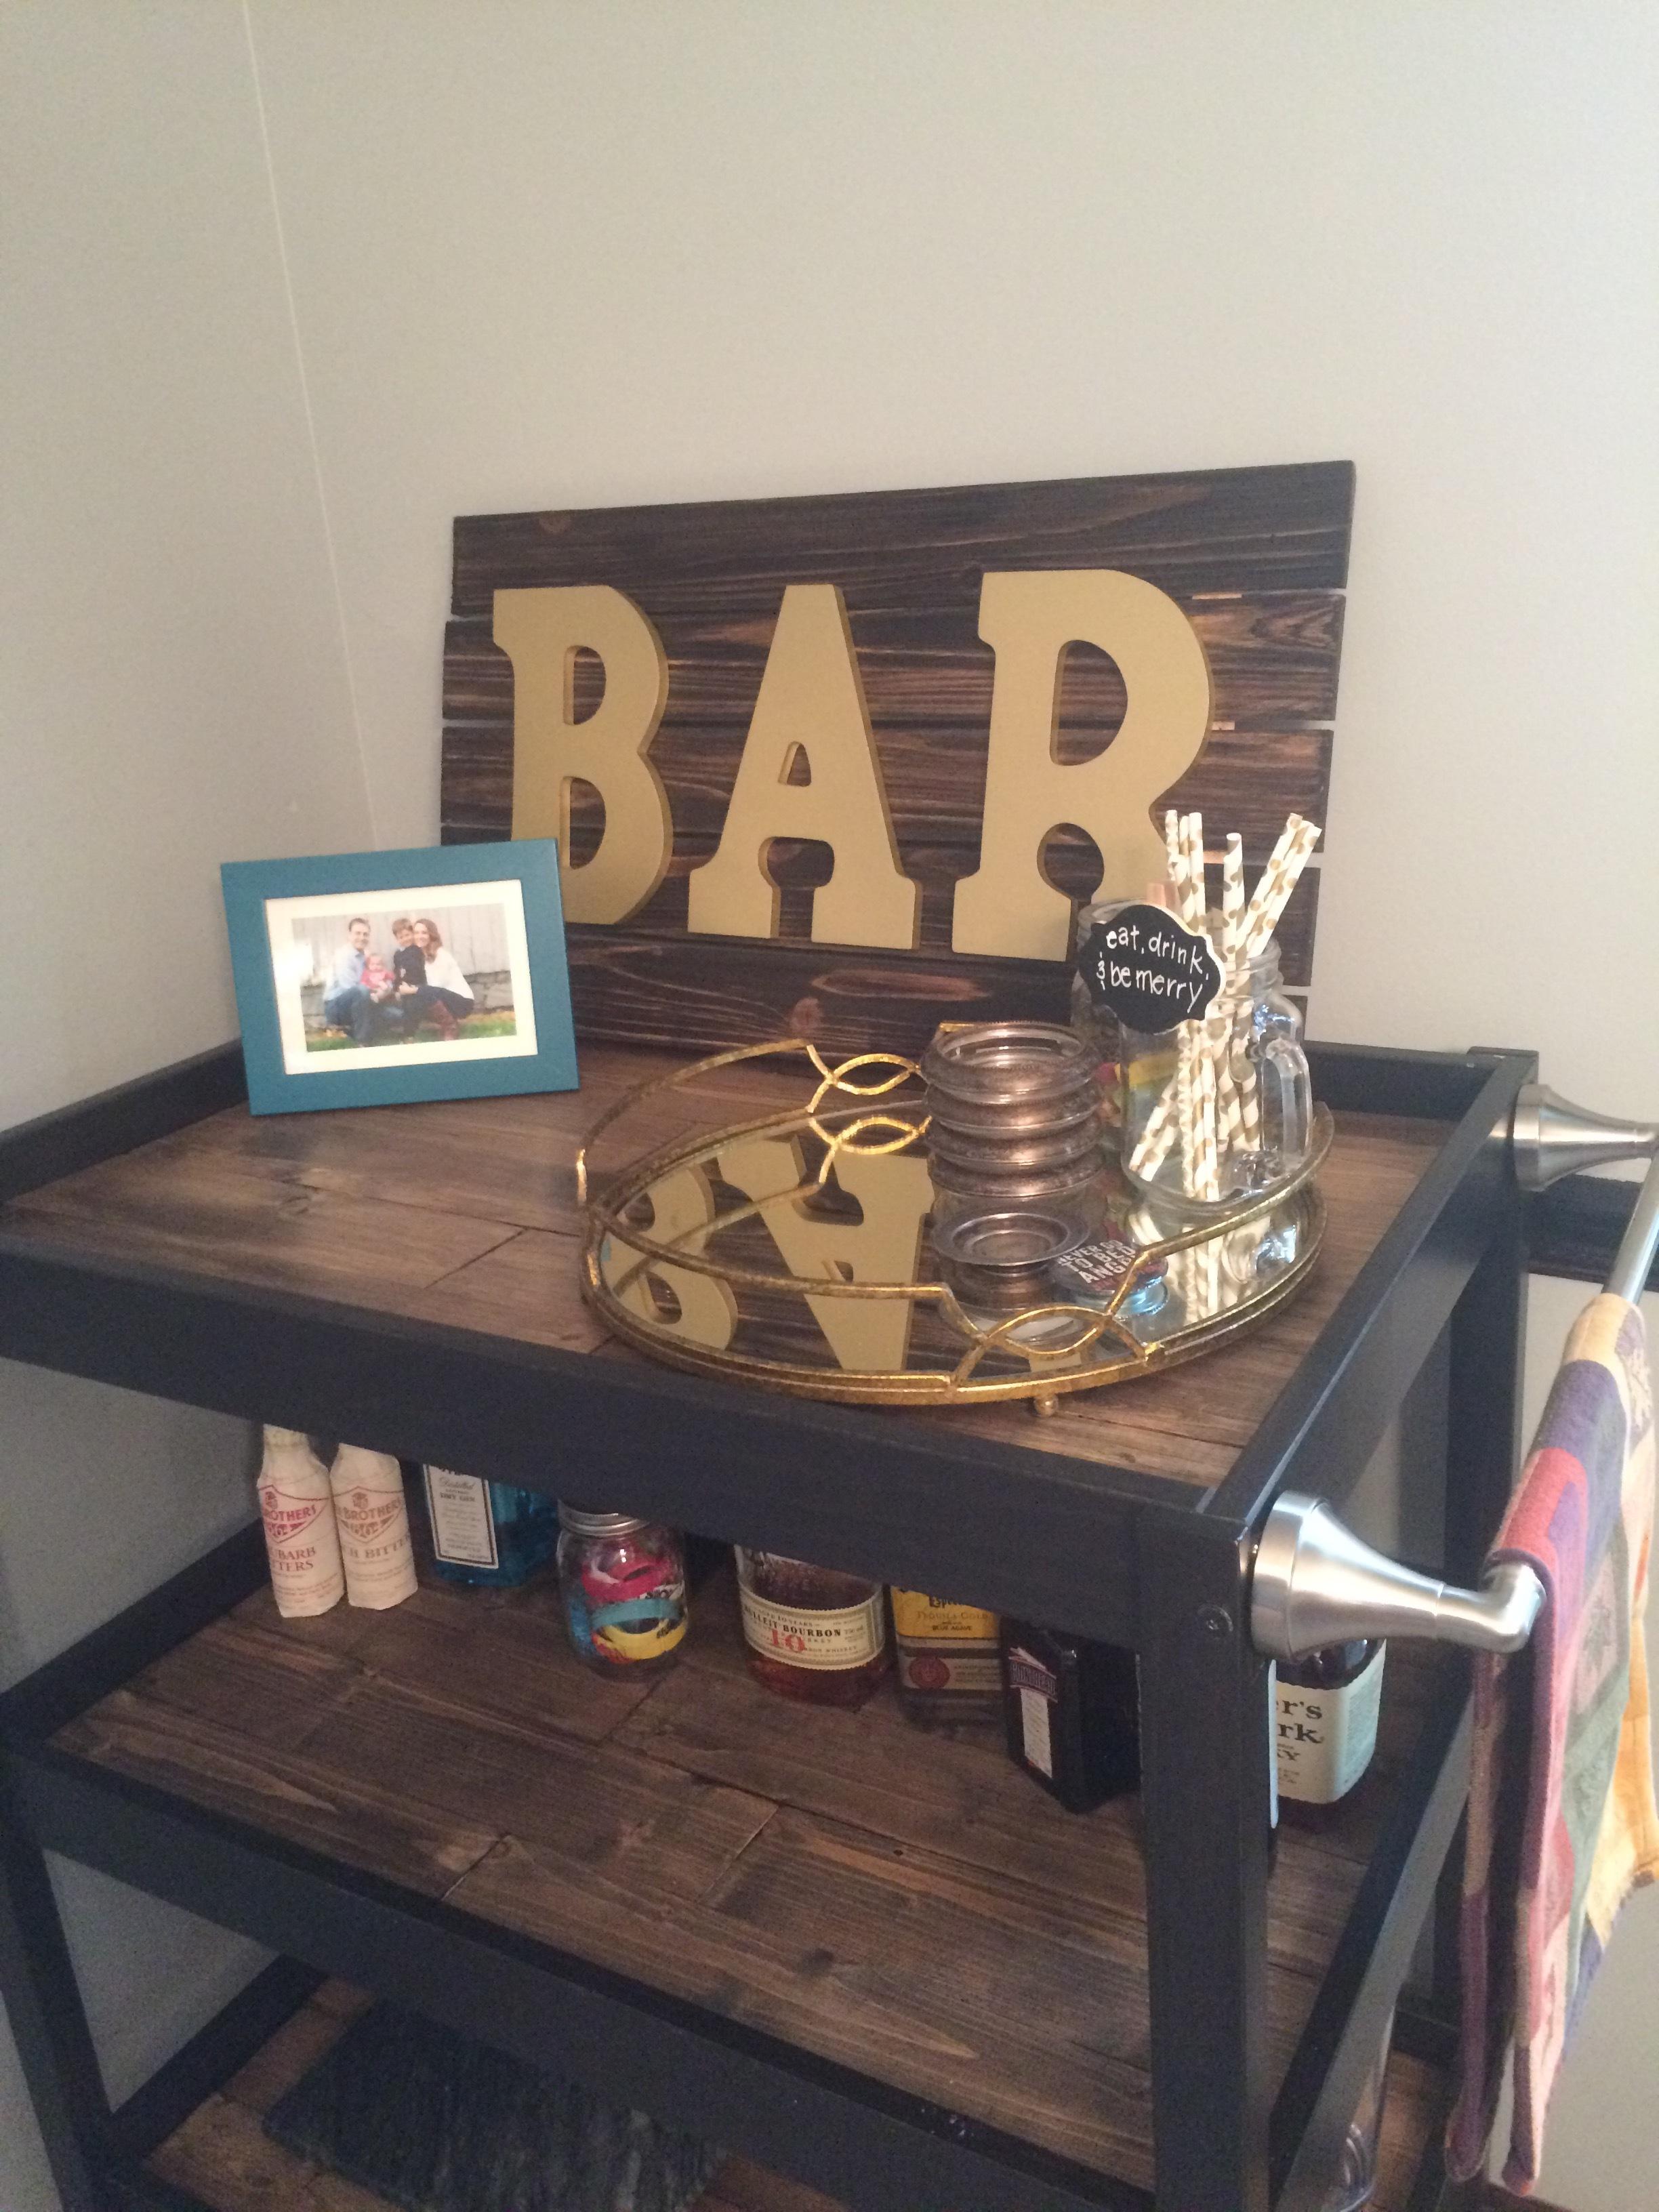 Newly finished bar cart!